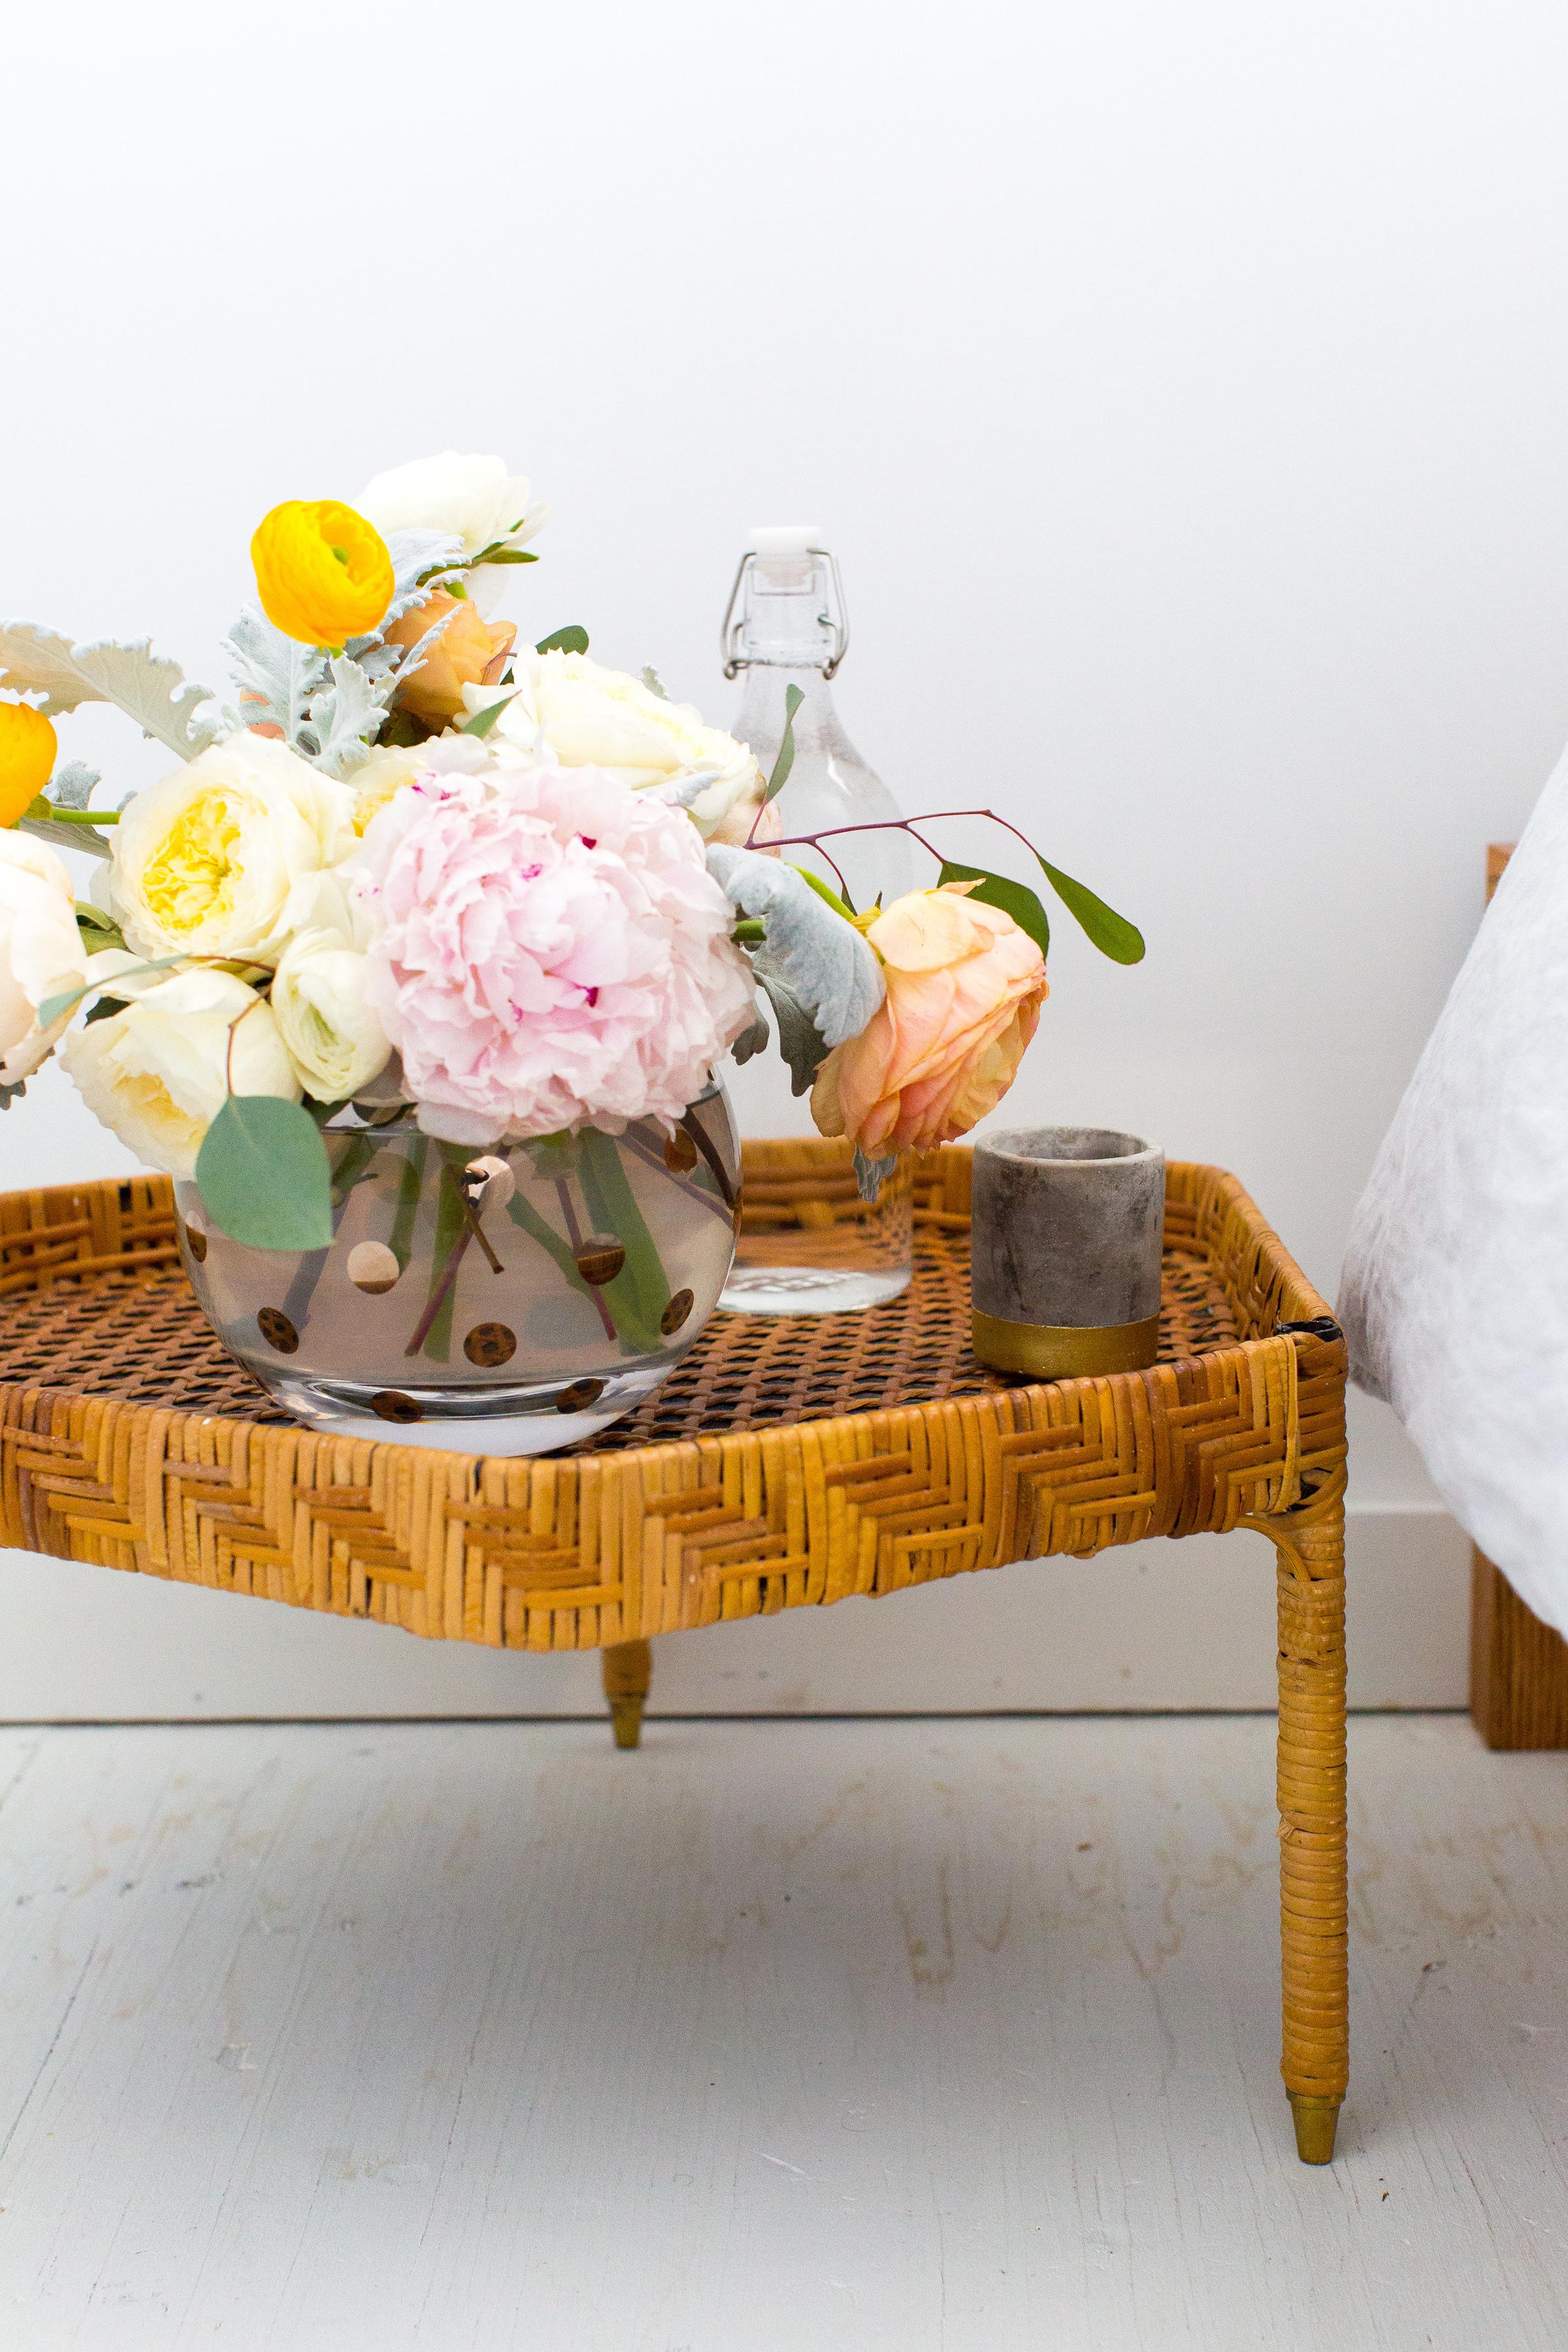 bridal shower decor - side table